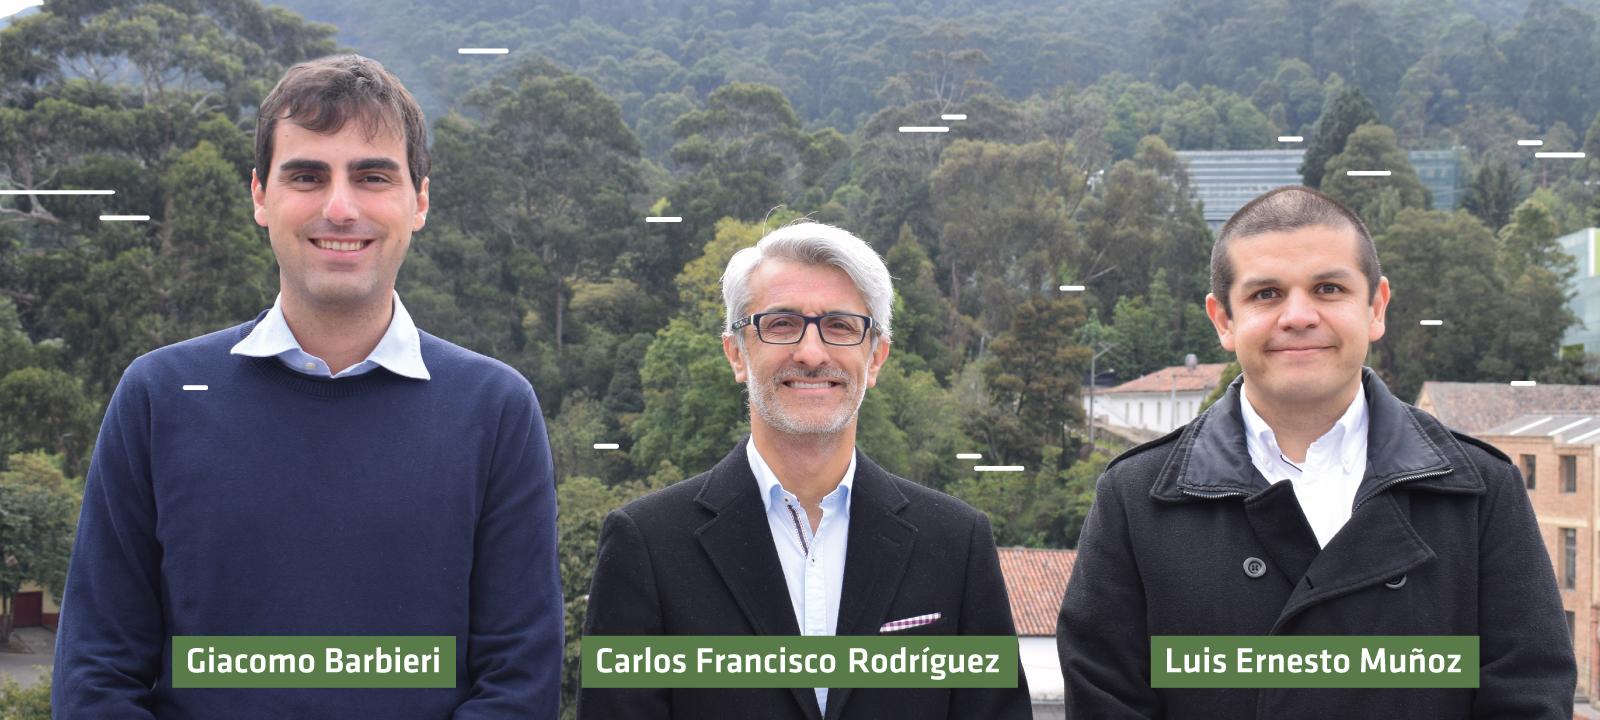 Profesores grupo de investigación Dinámica de Maquinaria de la Universidad de los Andes | Uniandes